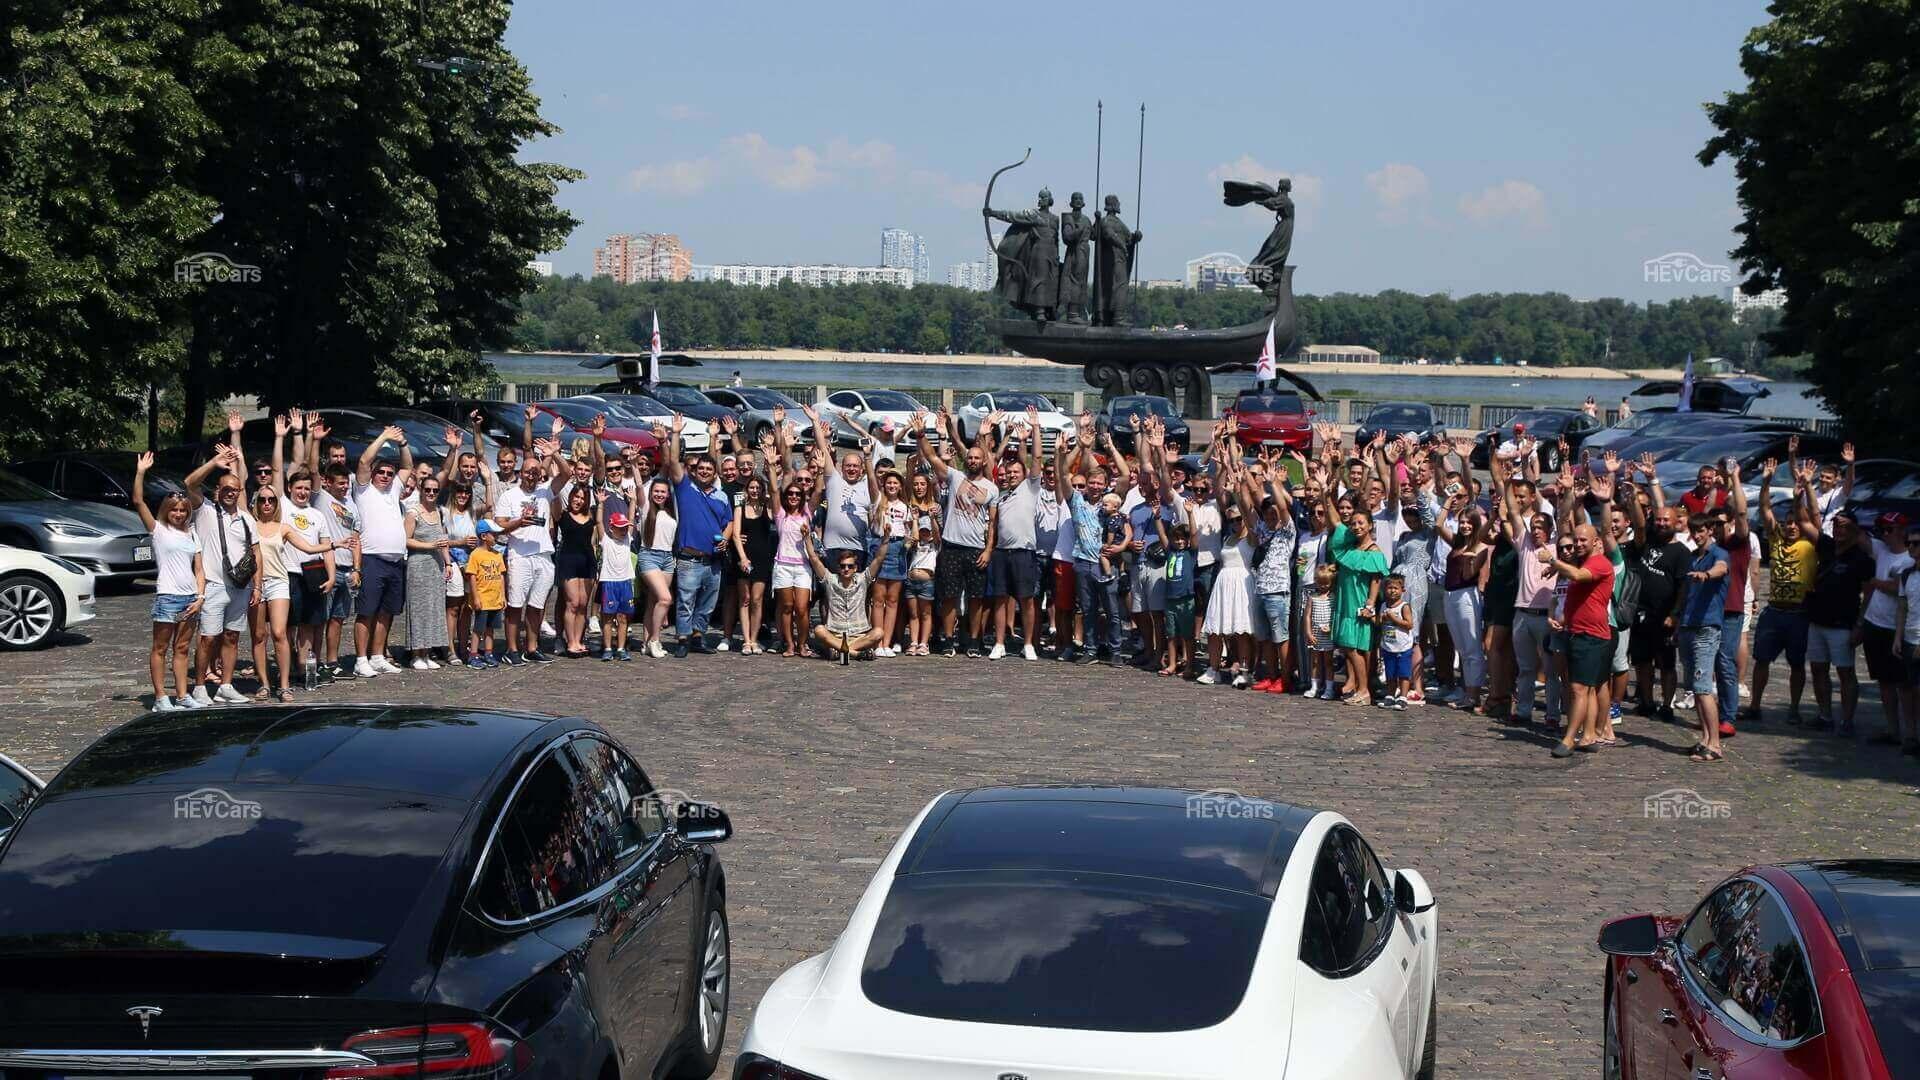 «Тесловоды» оторвались в Киеве на ТеслаПикникЧайка